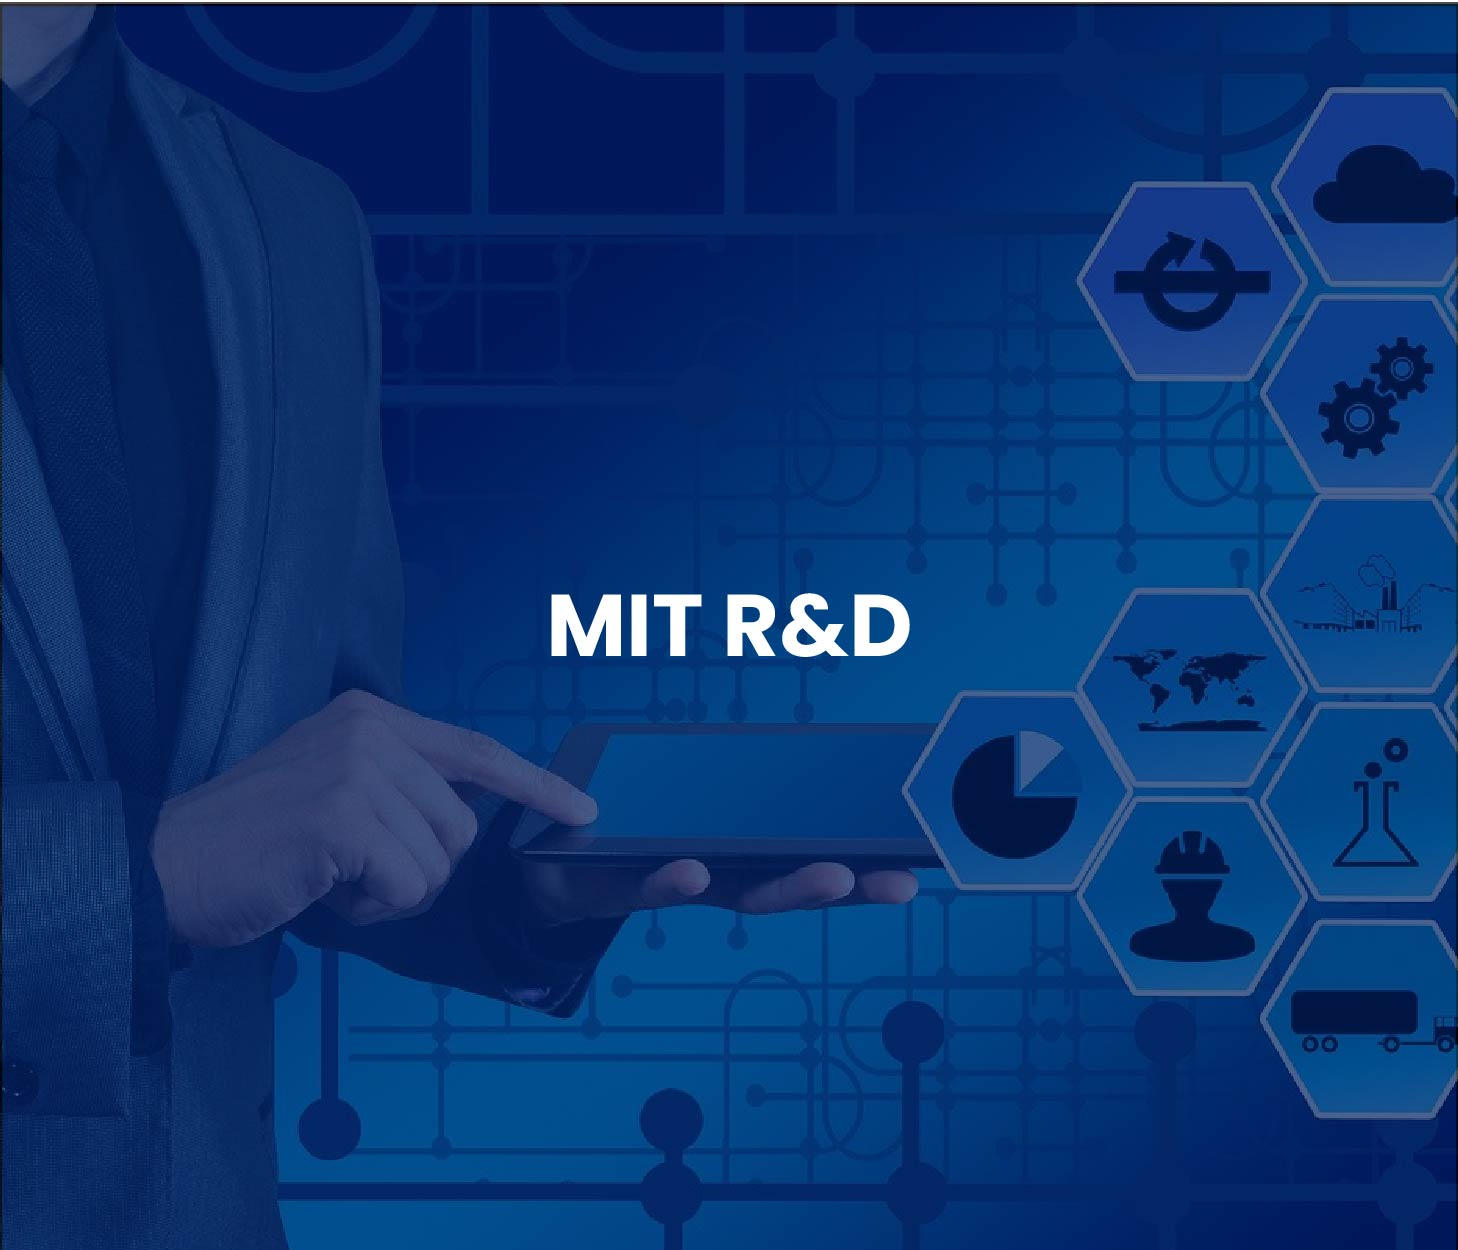 MIT R&D